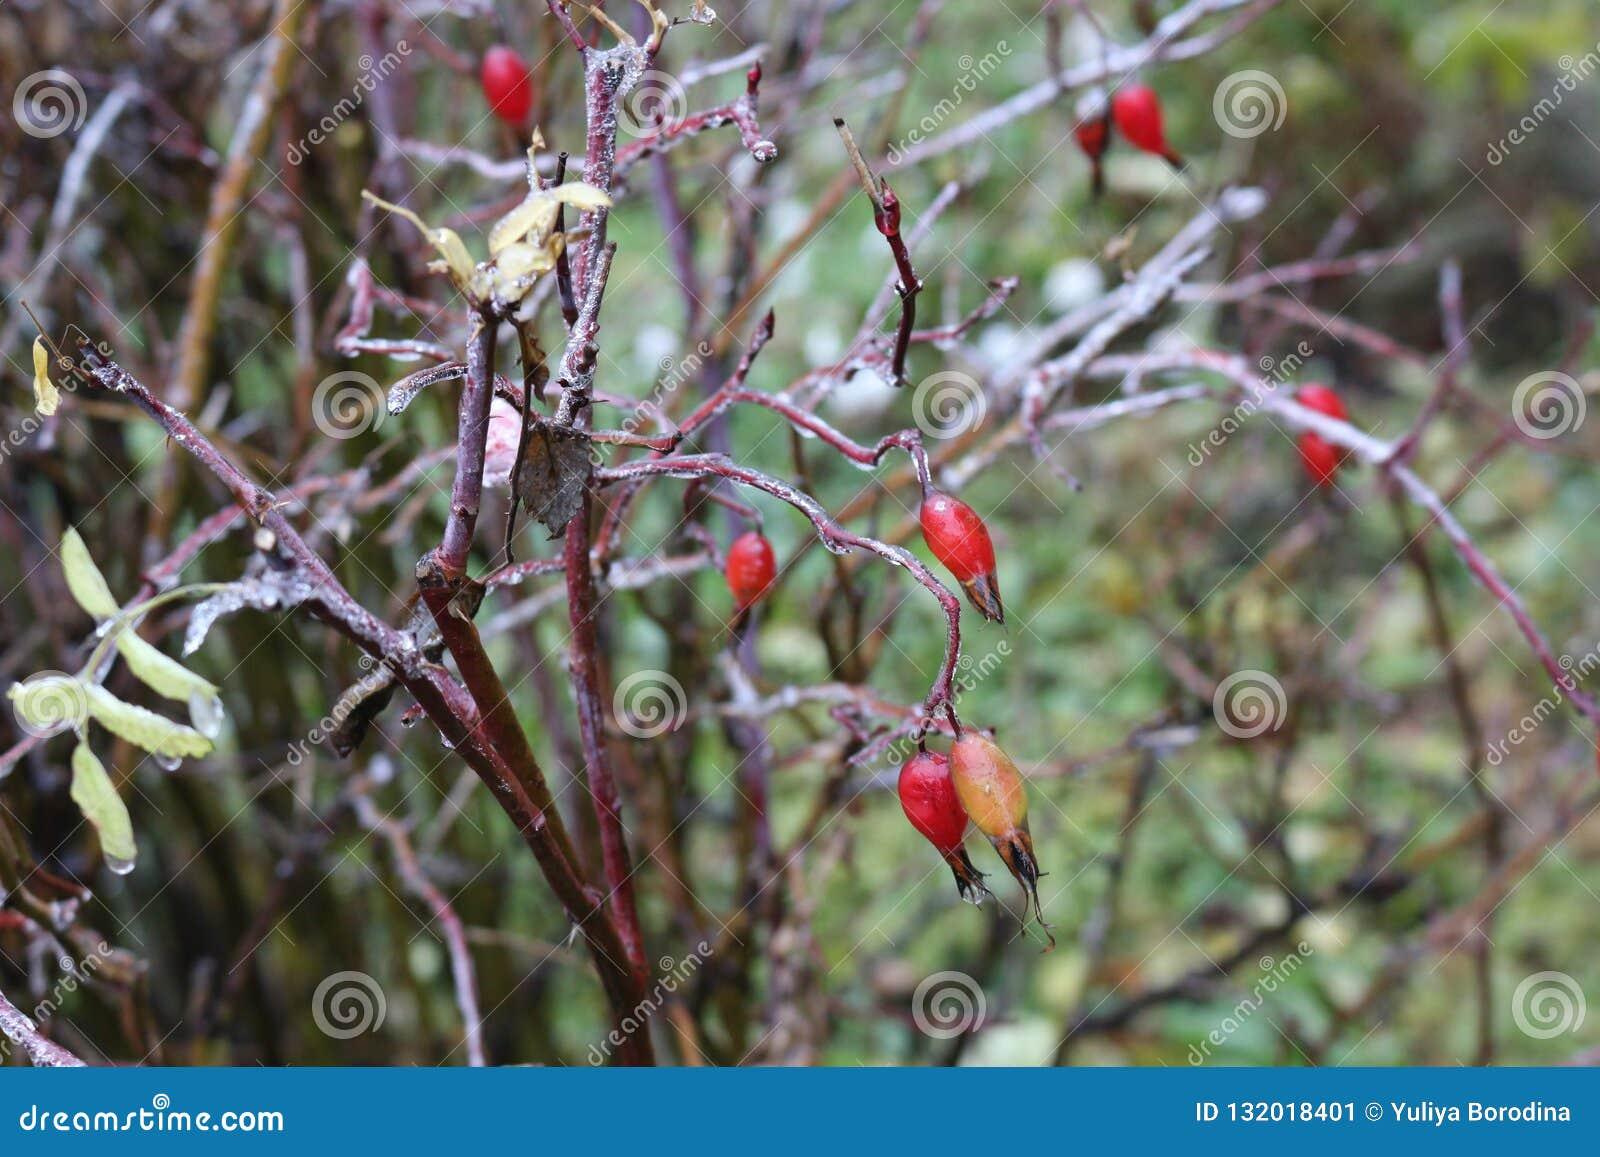 Vatten fryste på en lös ros efter regn Bär och sidor täckas med is